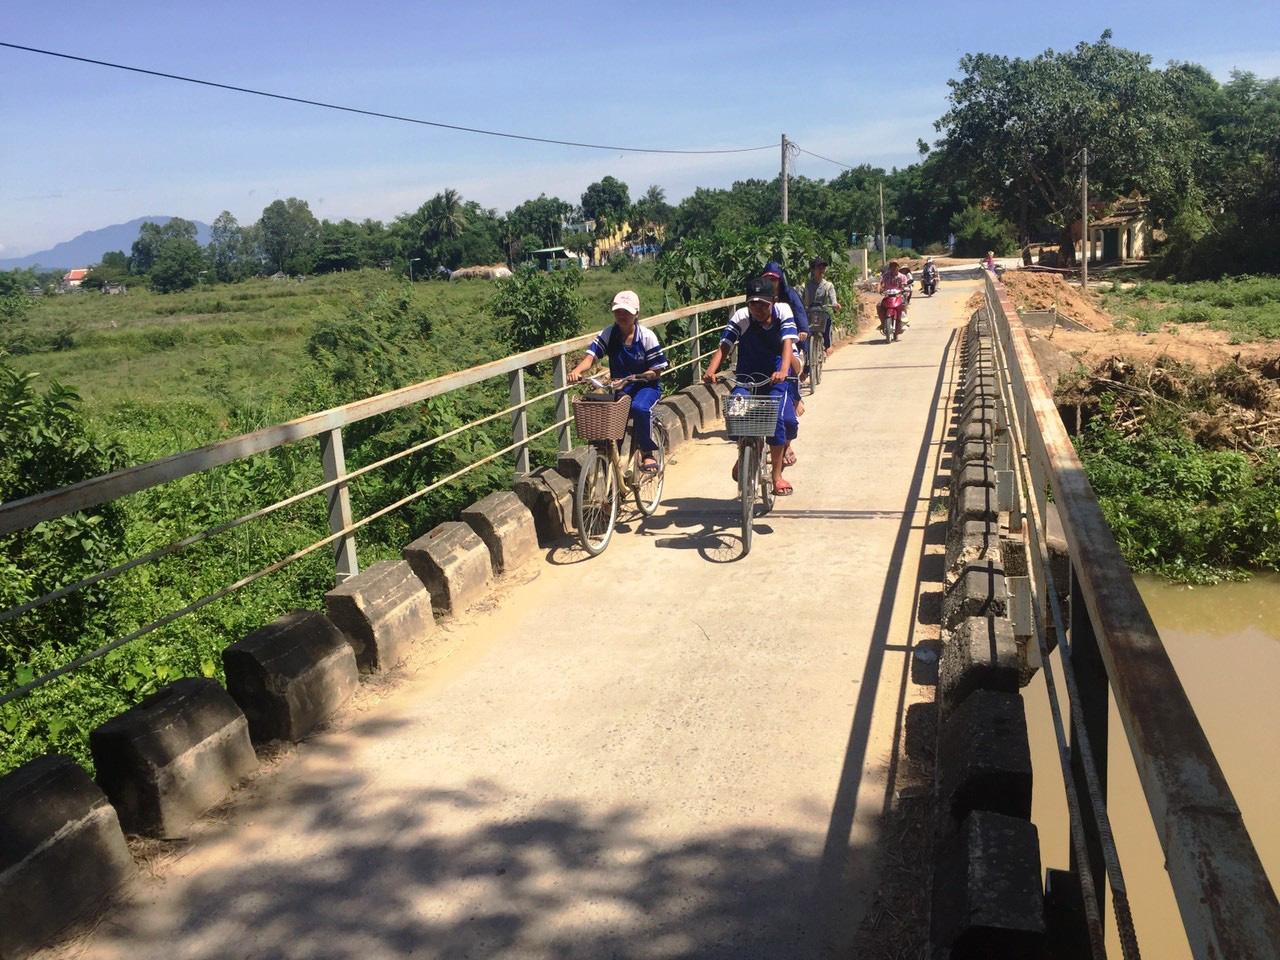 Kể chuyện làng: Cầu Hạt - Ảnh 1.